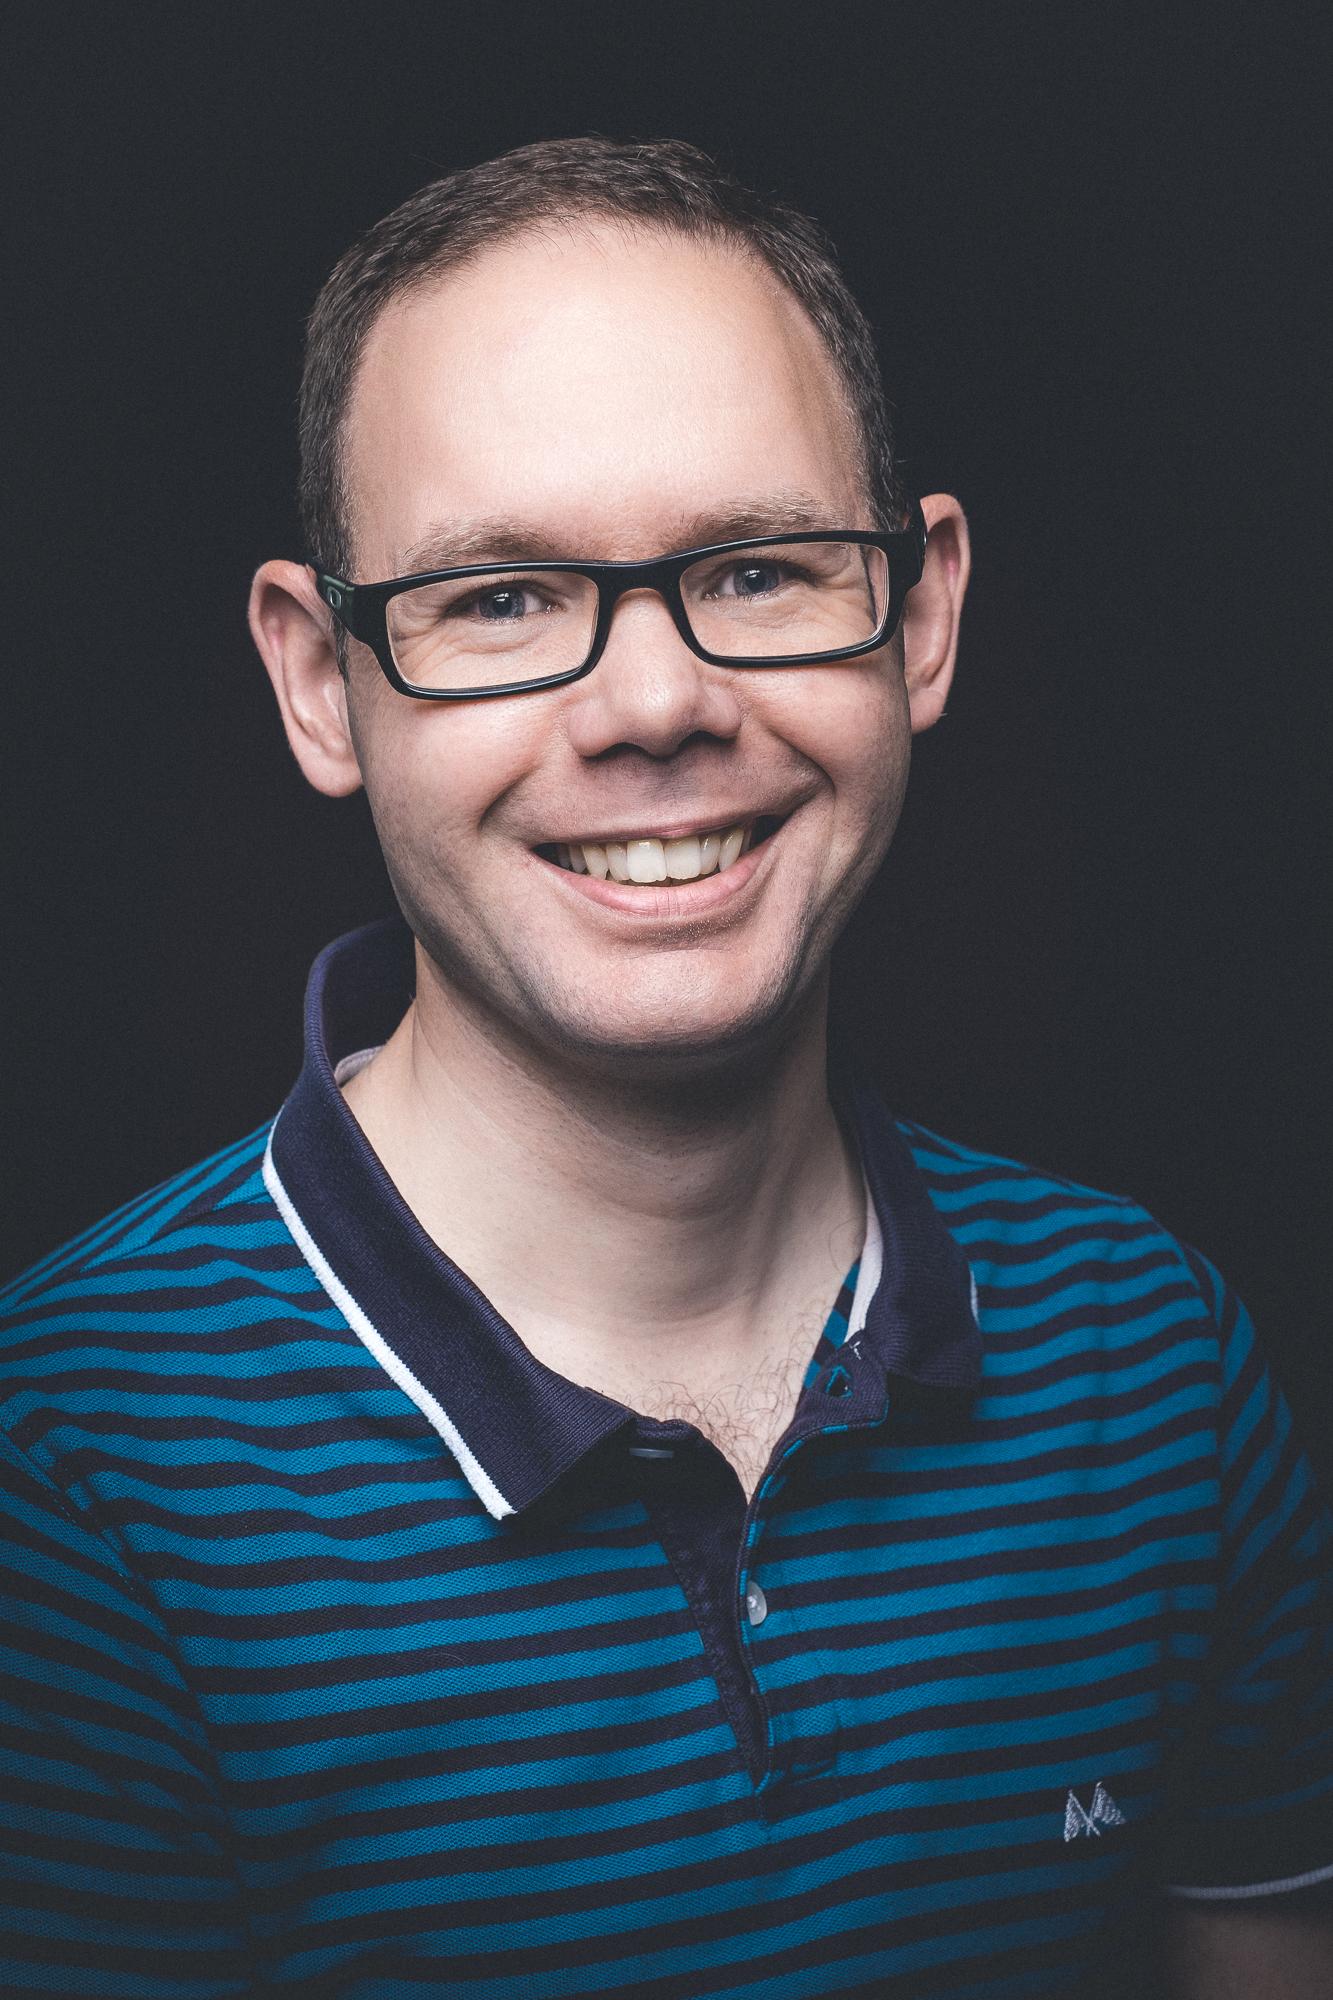 Tandlæge Anders Hasselbalch   Klinikejer, tilknyttet klinikken siden 2017  Anders er født i 1978 og har været tandlæge siden 2003.  Anders udfører alt almindeligt tandlægearbejde, men har en særlig interesse for behandling af parodontitis og samspillet mellem denne sygdom og det almene helbred. Anders er bl.a. medlem af Dansk Selskab for Parodontologi og har i sine efteruddannelsesaktiviteter især haft fokus på at opnå en specialiseret viden indenfor parodontitisbehandling igennem kurser hos førende specialister fra ind- og udland.